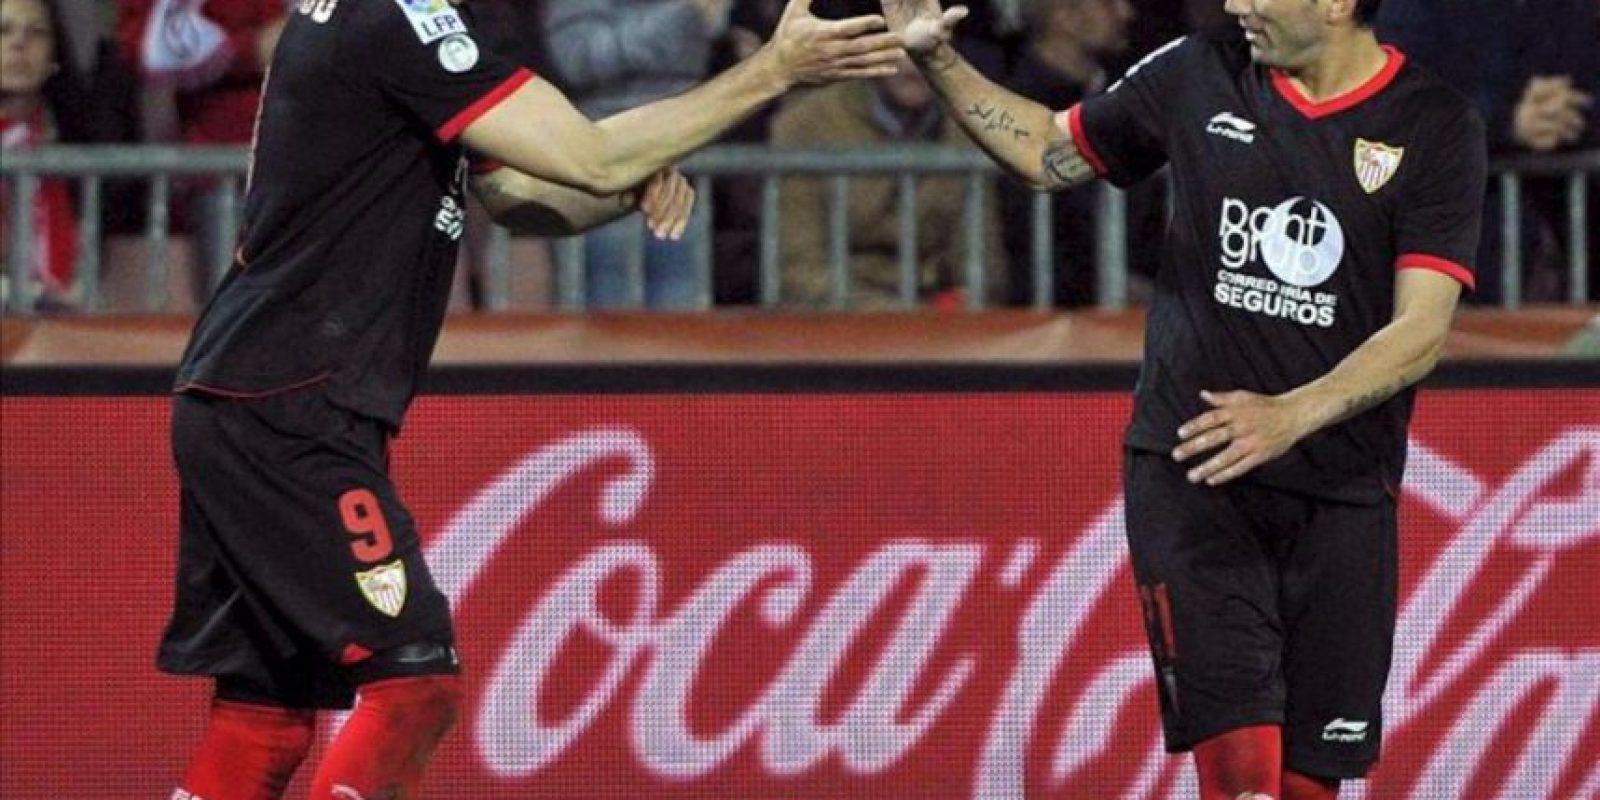 Los jugadores del Sevilla, Álvaro Negredo (i) y José Antonio Reyes, celebran el primer gol del equipo sevillista, durante el encuentro correspondiente a la jornada 30 de primera división, que han disputado frente al Granada en el estadio granadino de Los Carmenes. EFE